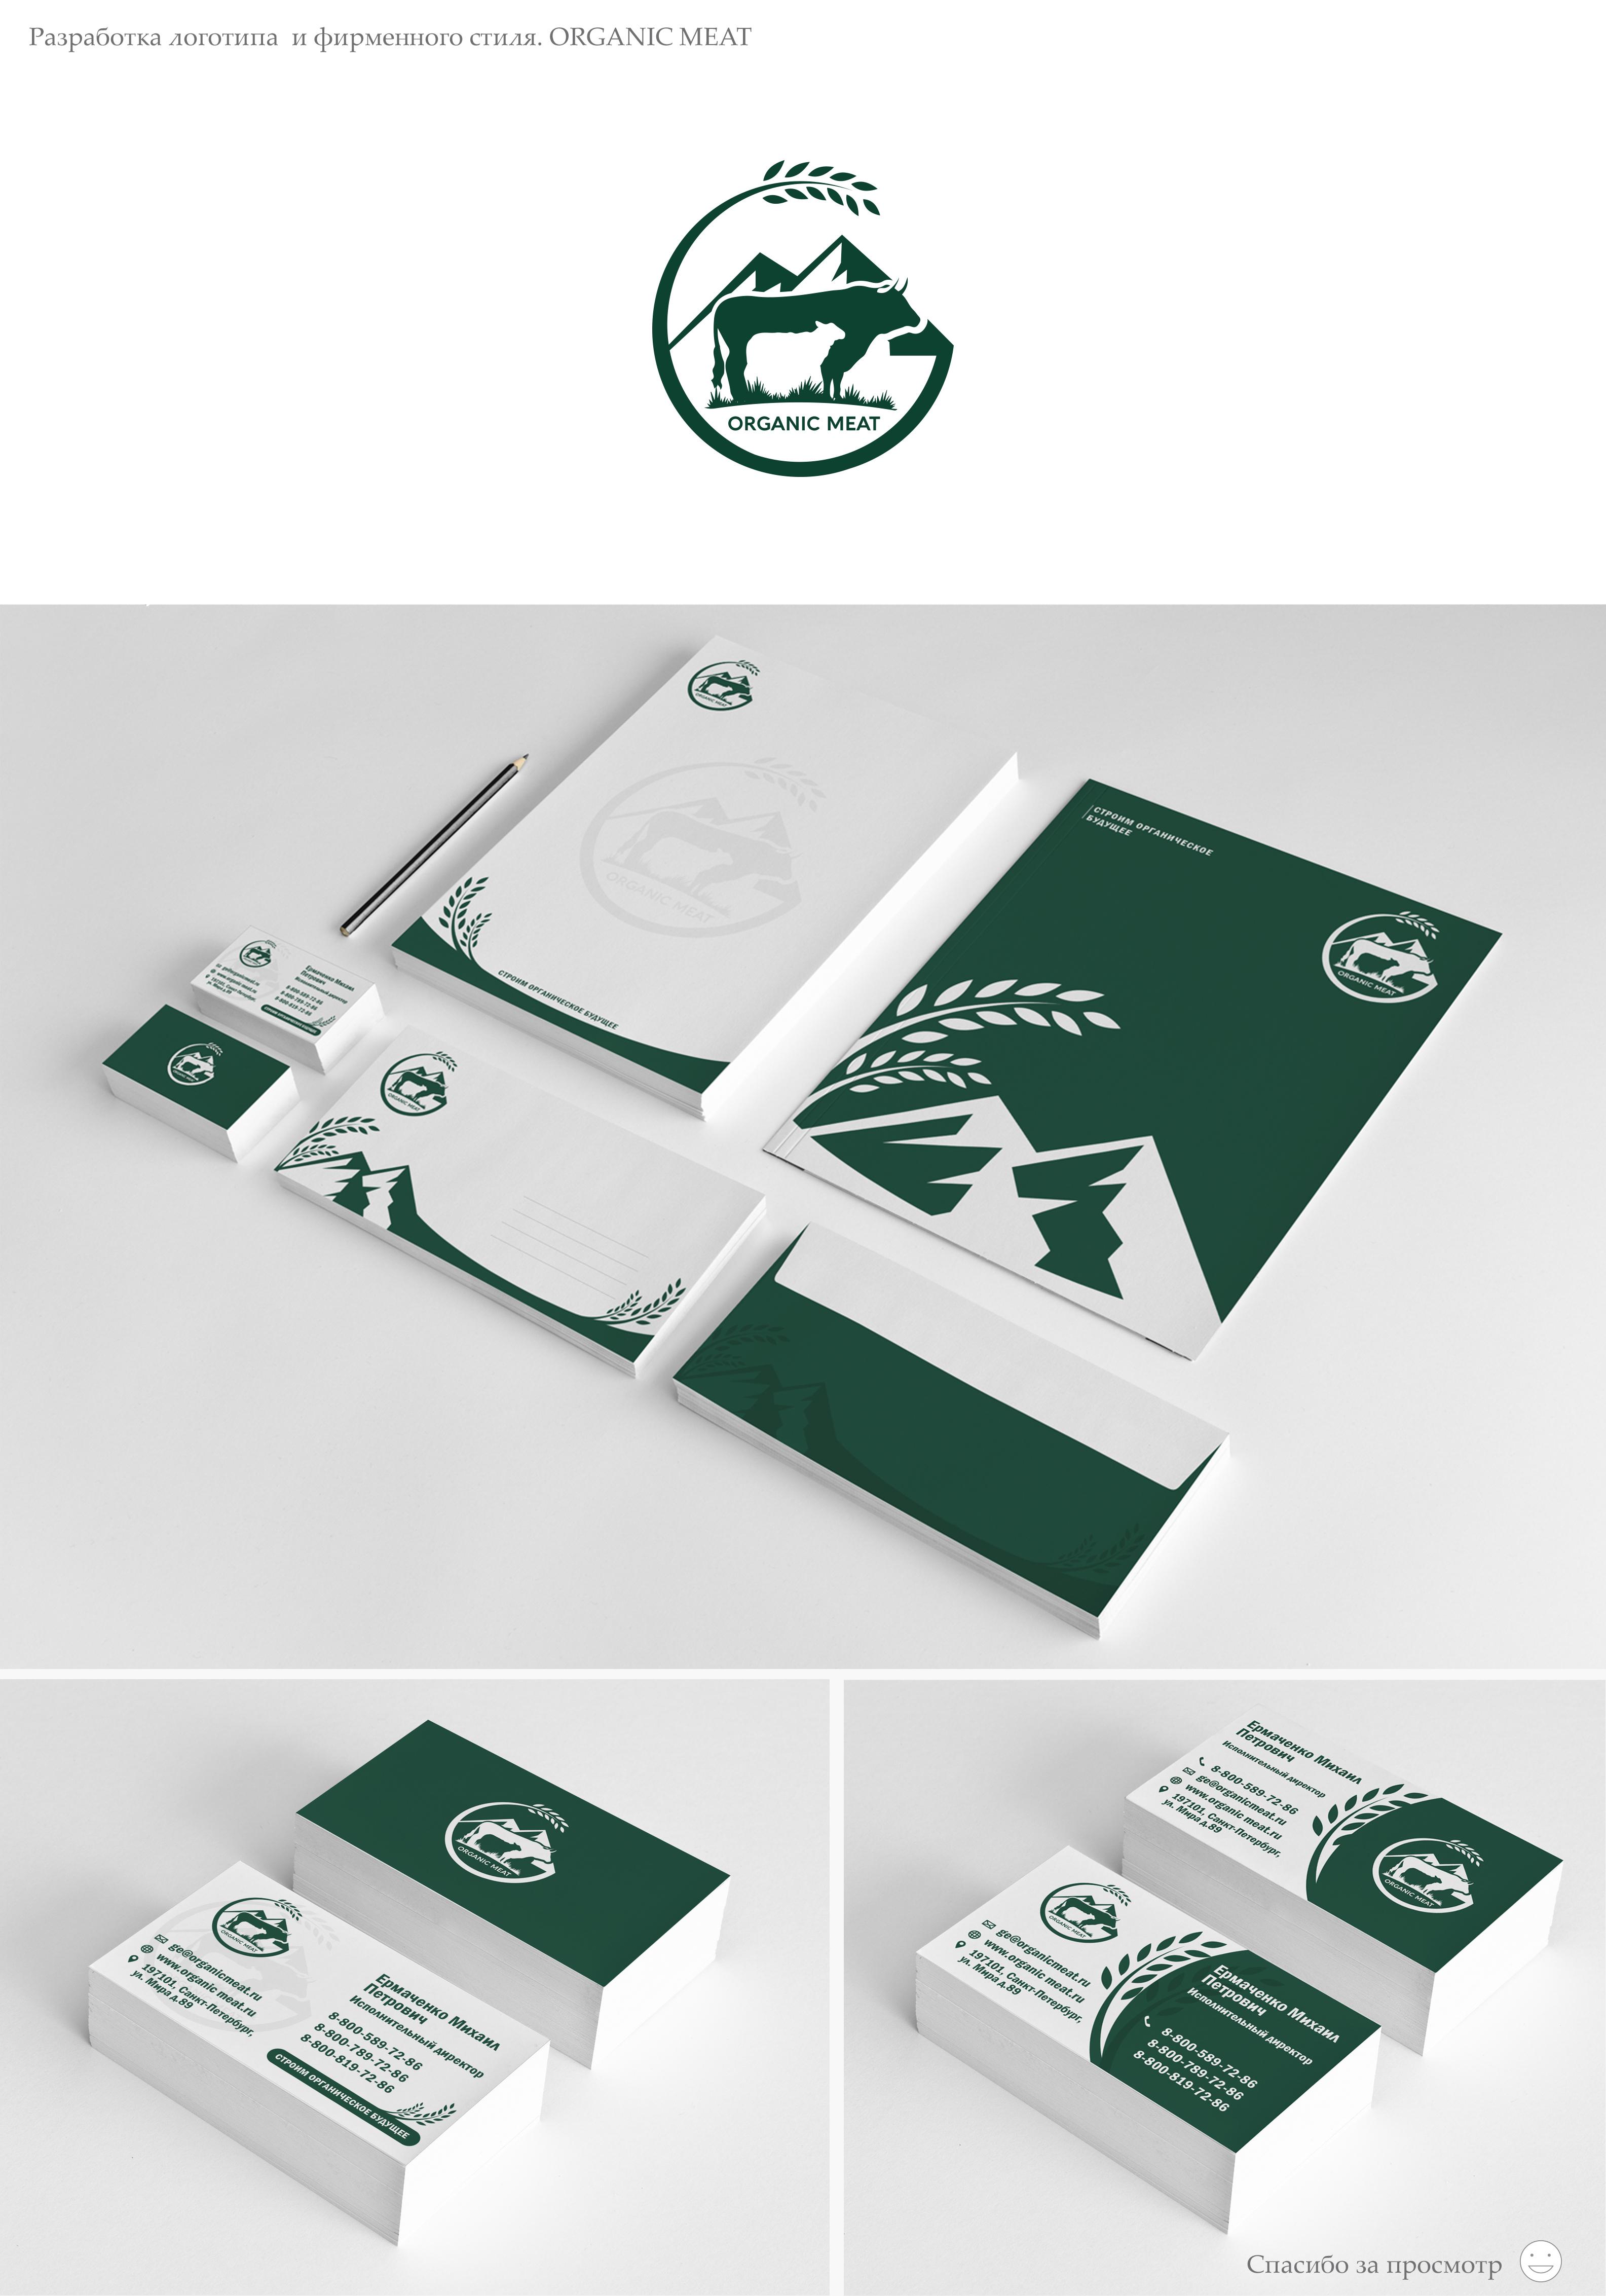 Разработка логотипа и фирм стиля Organic meat